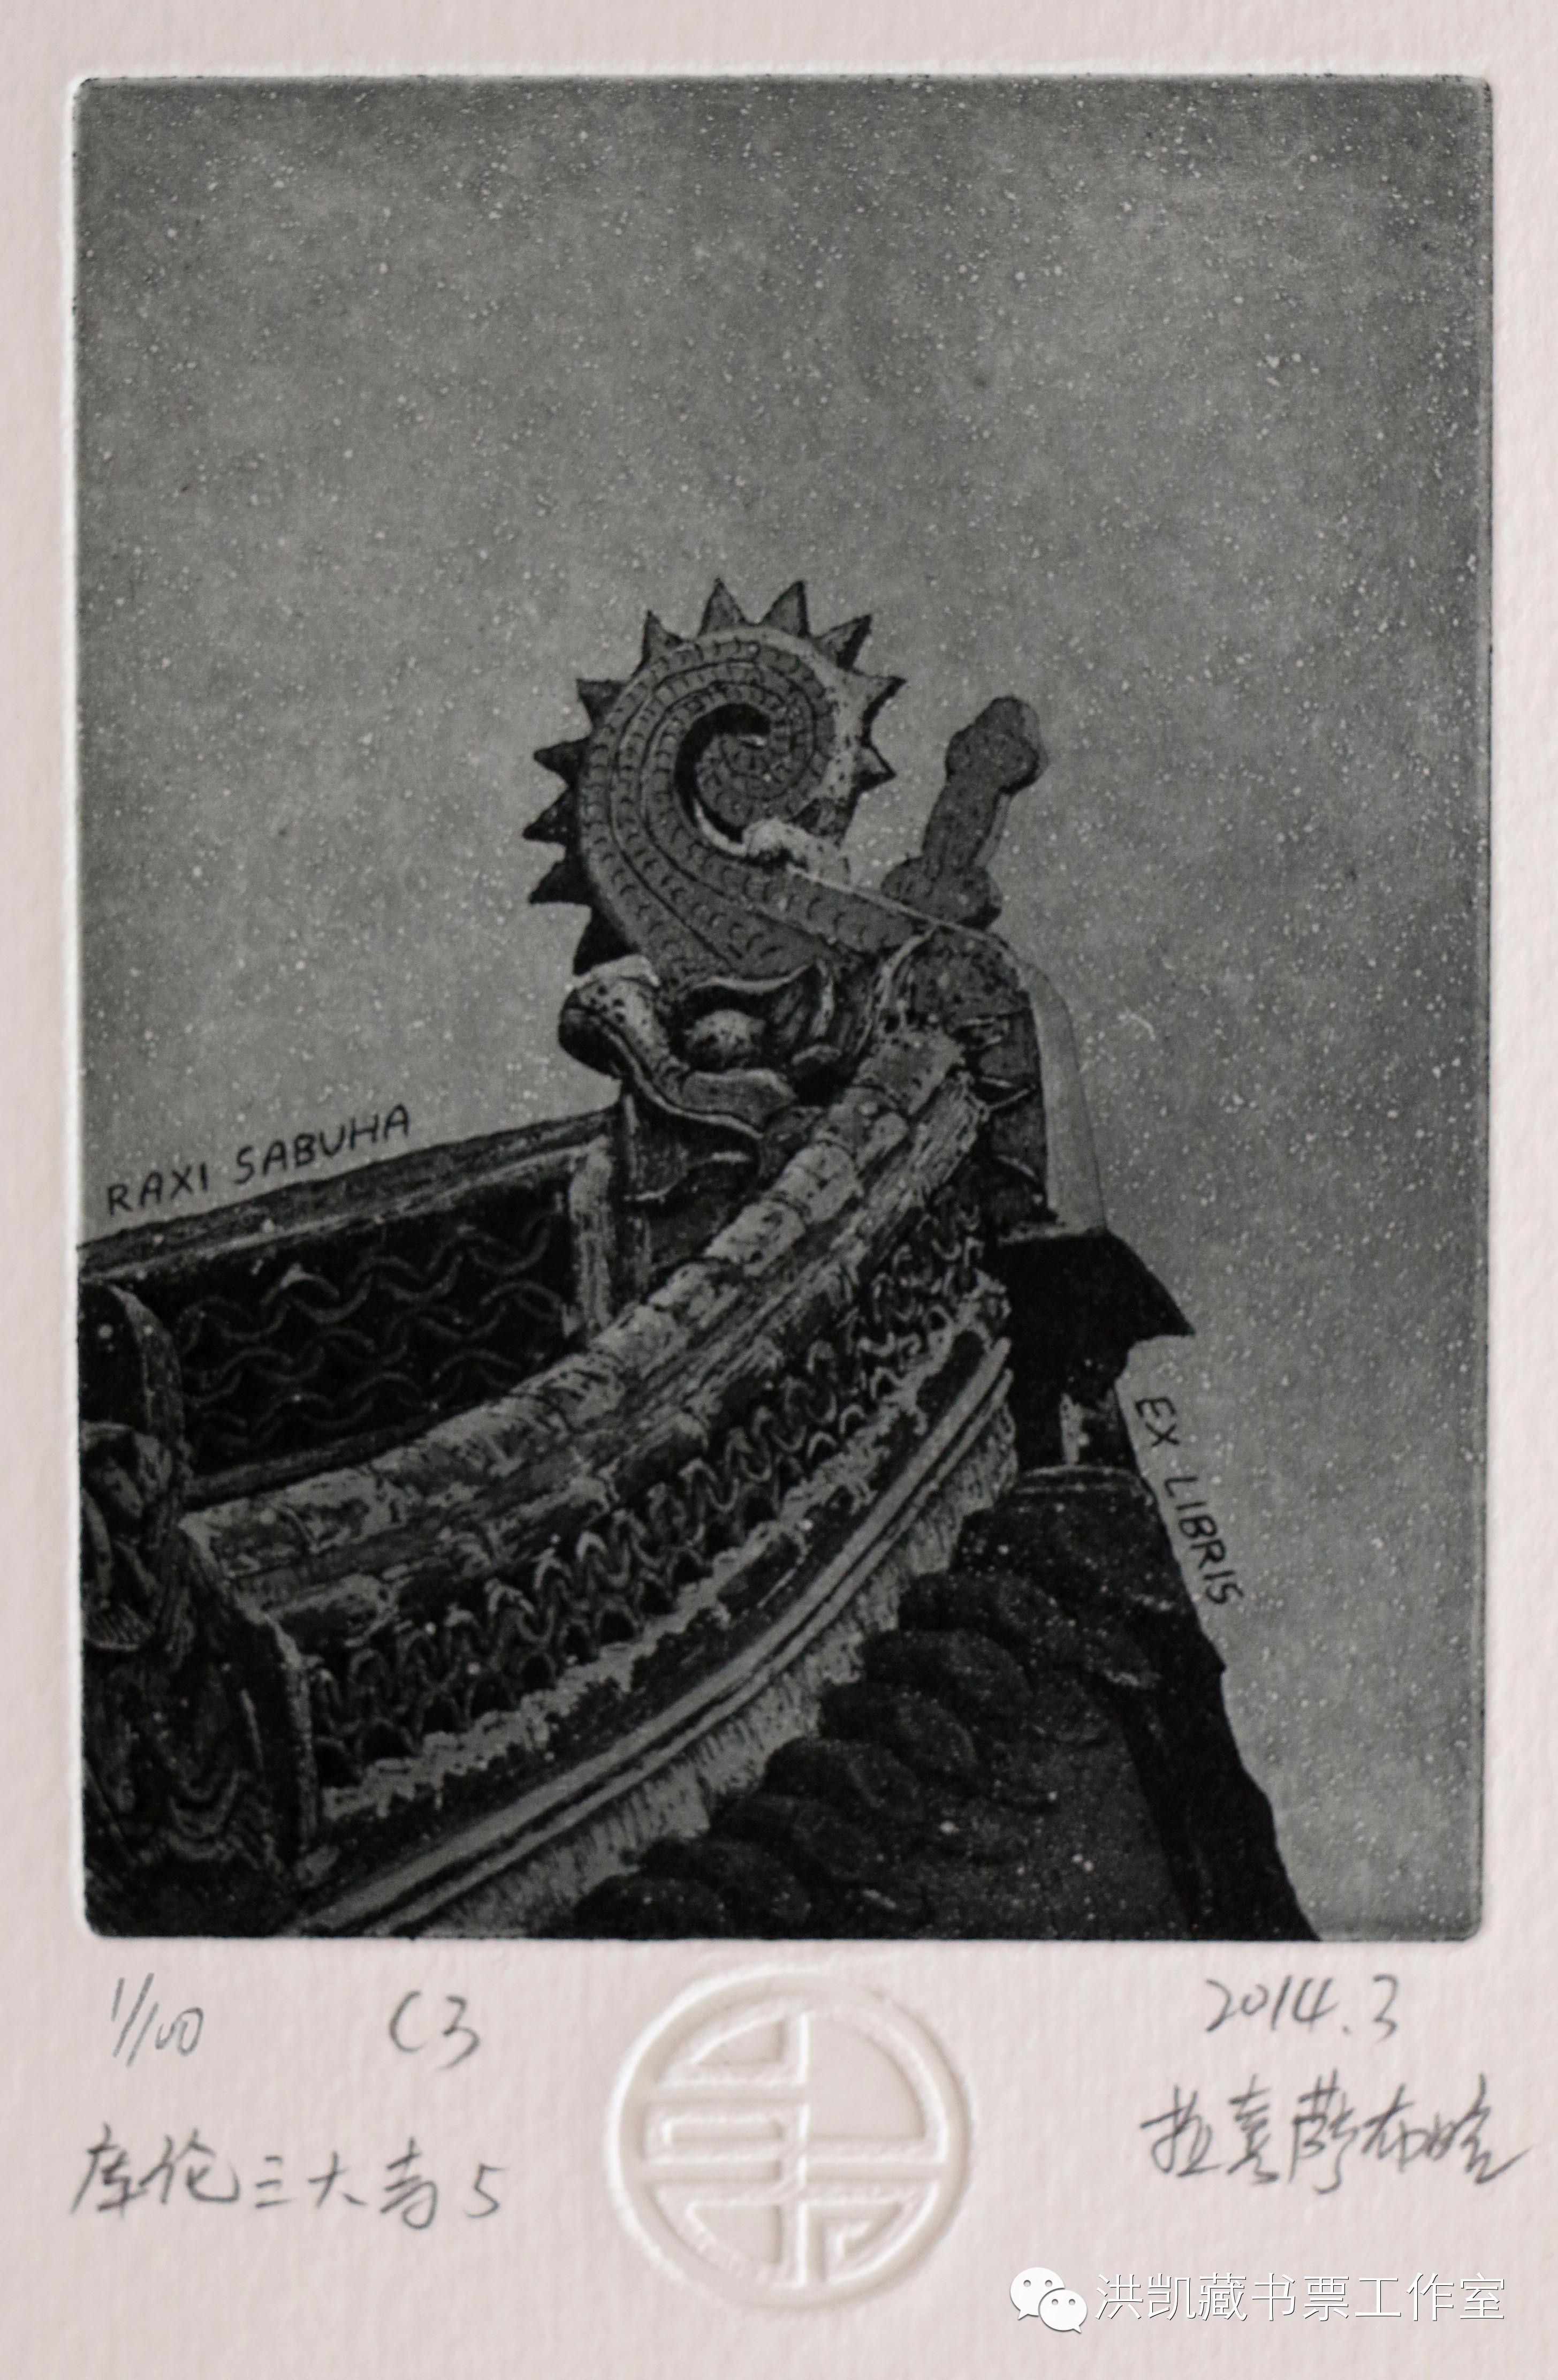 版画作品推荐002期-(内蒙古版画家)拉喜萨布哈﹒版画&藏书票作品欣赏 第7张